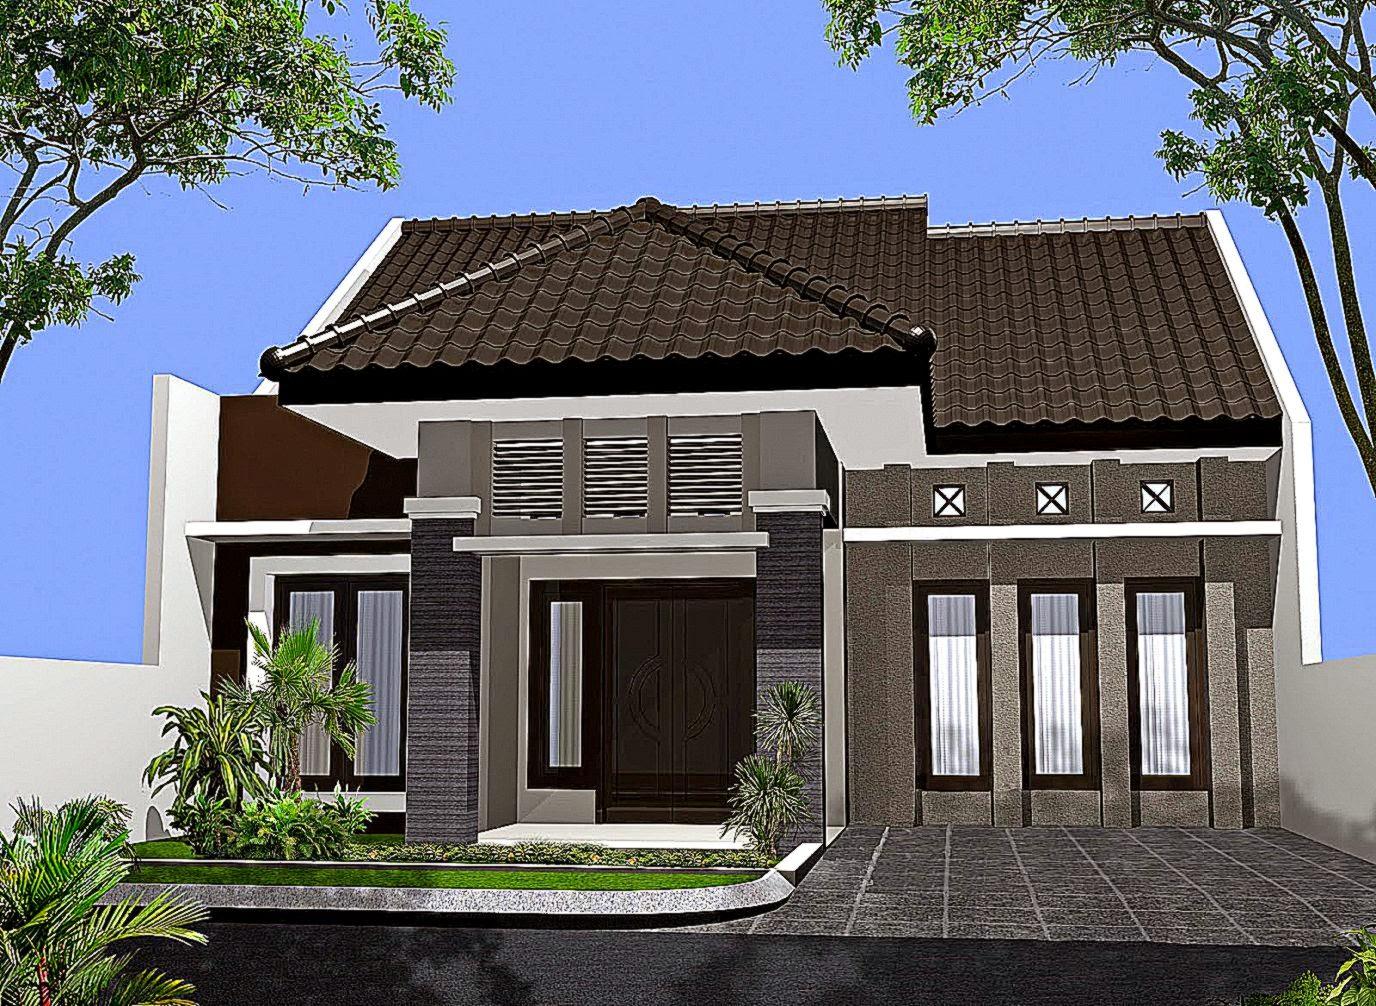 440 Gambar Rumah Tampak Depan Terbaru HD Terbaru